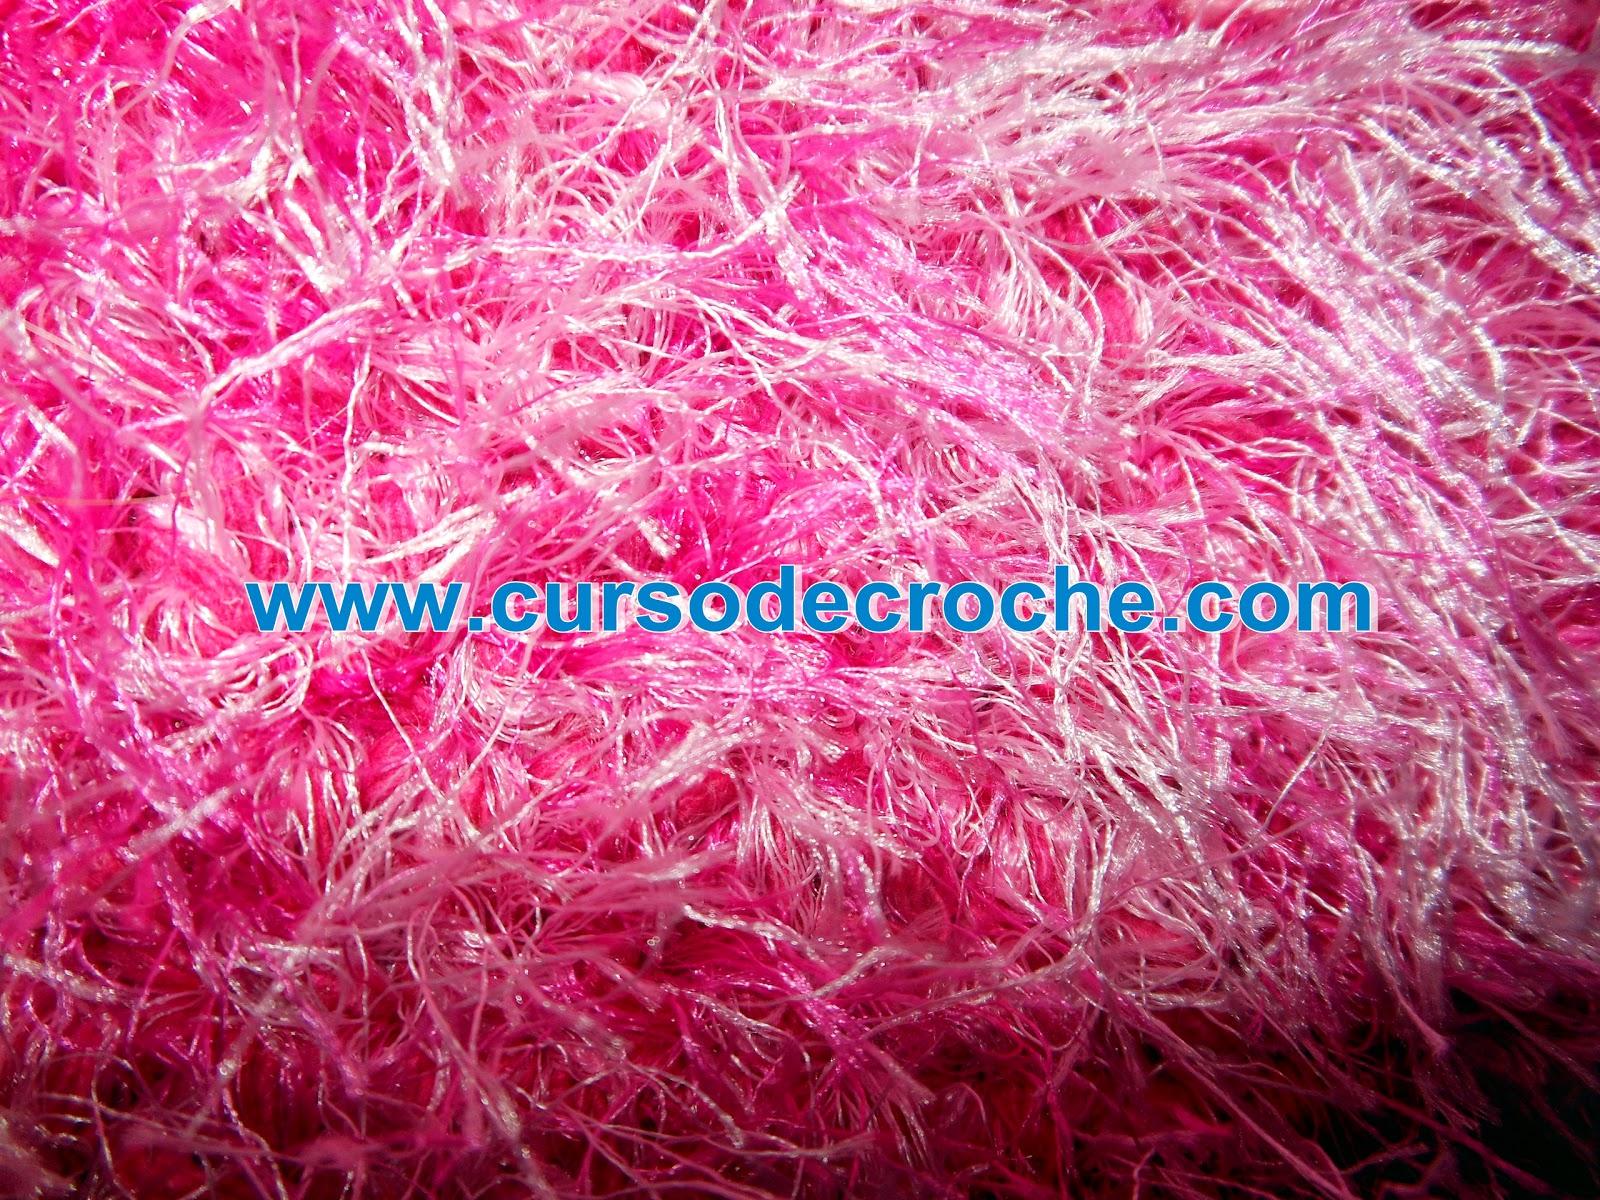 aprender croche tapetes redondo rosa forte barroco decore flores dvd edinir-croche loja curso de croche frete gratis